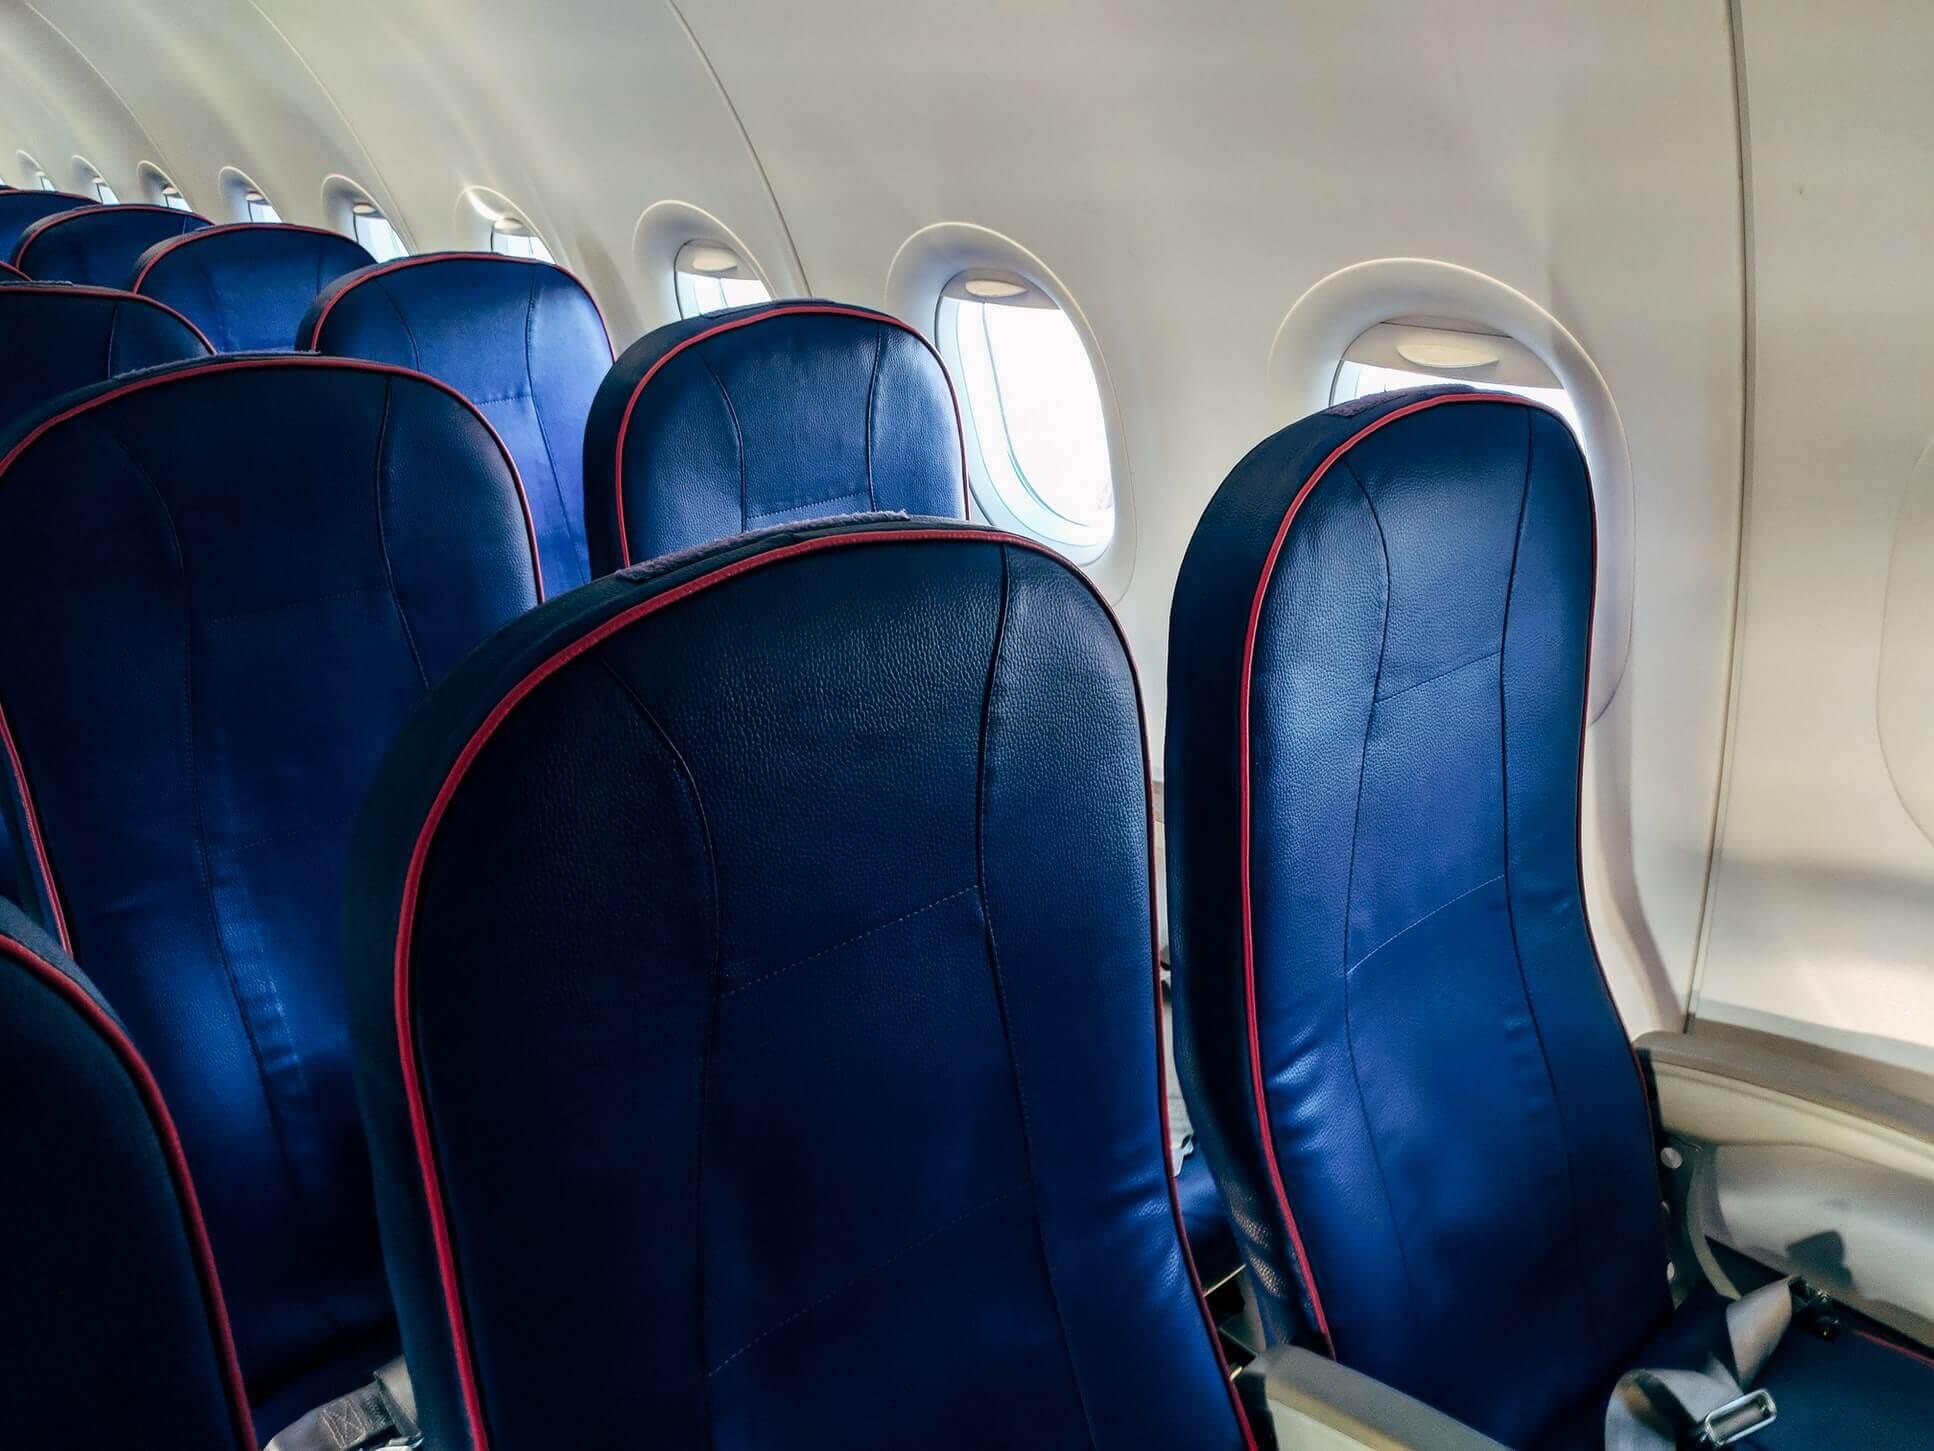 Поясним за новости: в самолёты будут пускать только пассажиров в масках